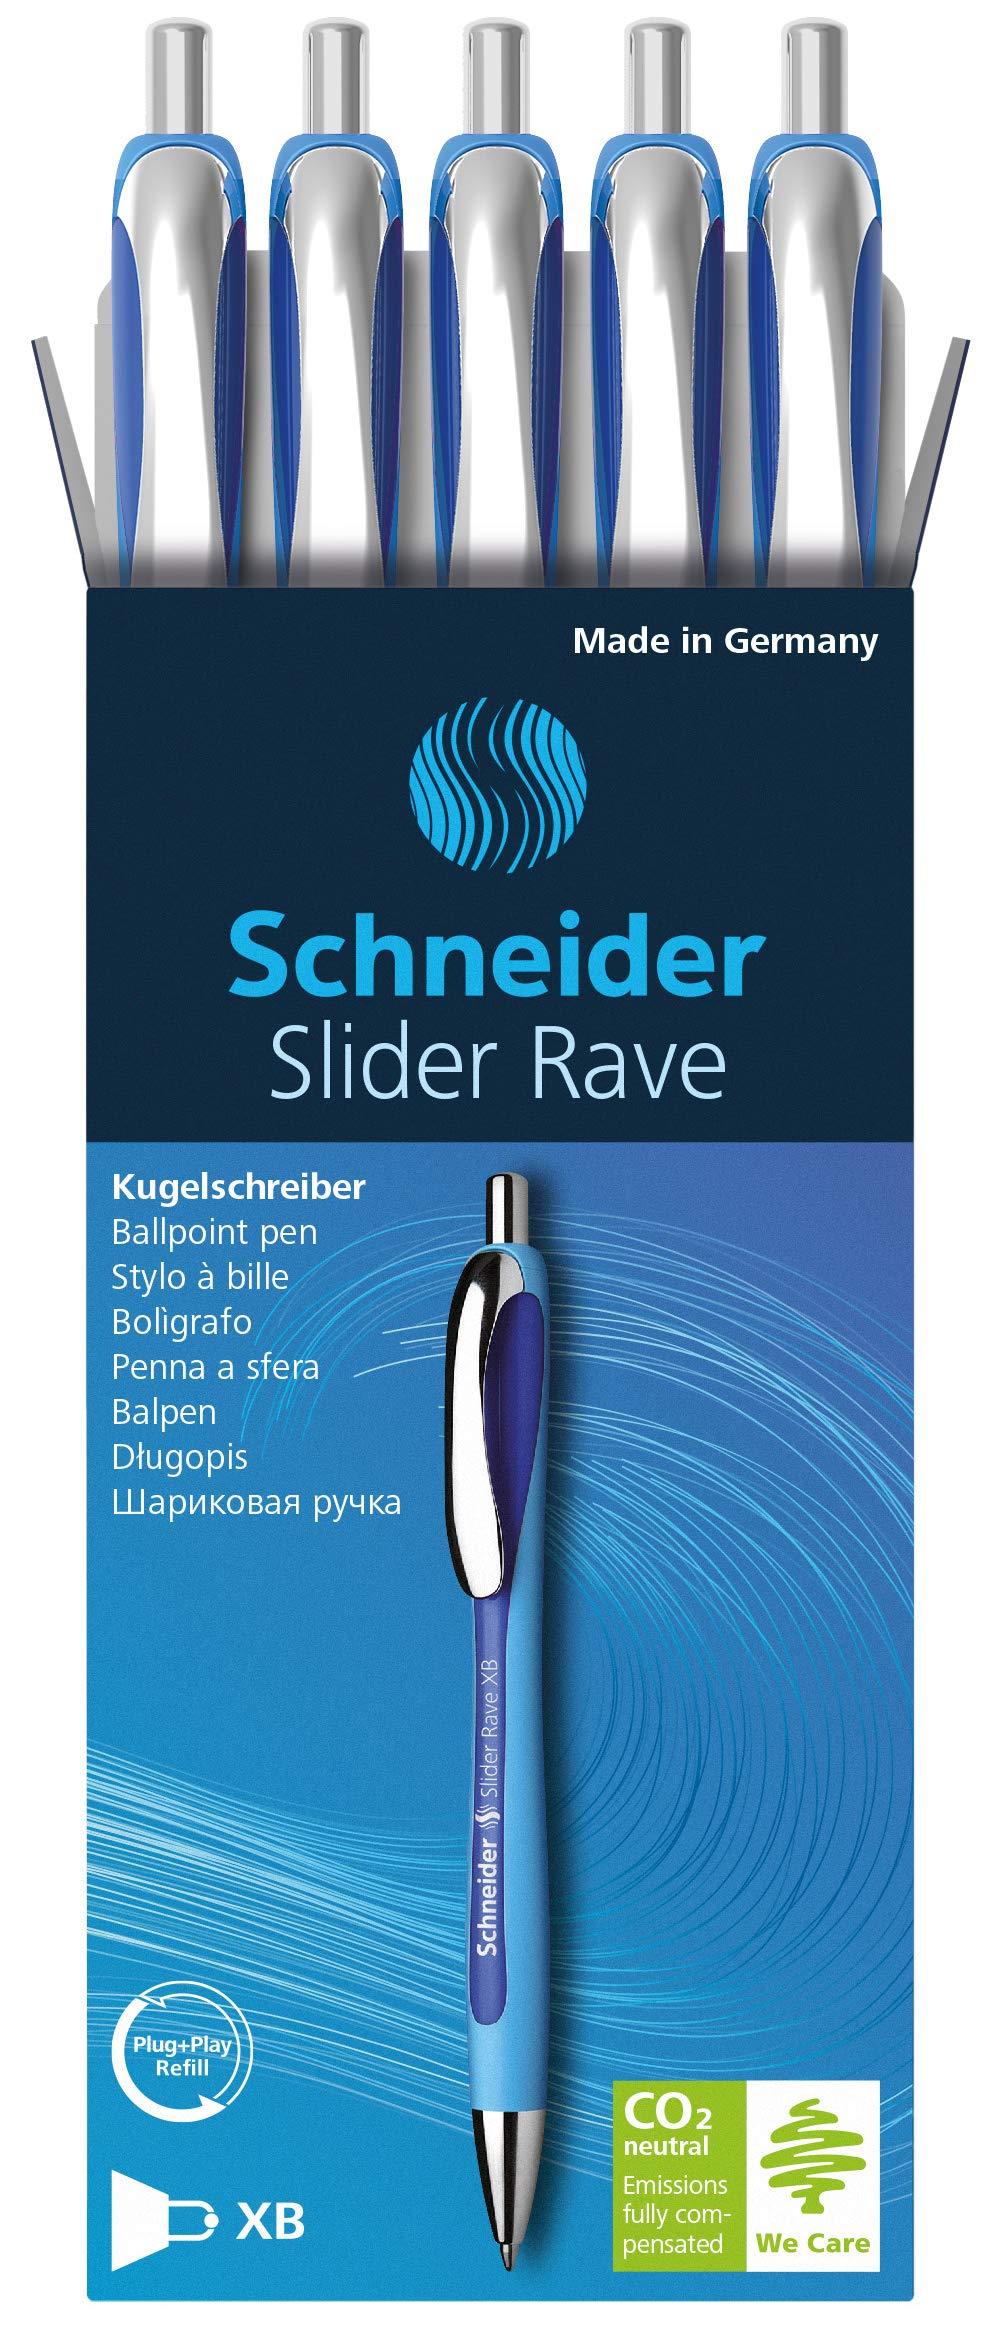 Schneider Slider Rave XB Ballpoint Pen, Box of 5, Blue (132503) by Schneider (Image #2)